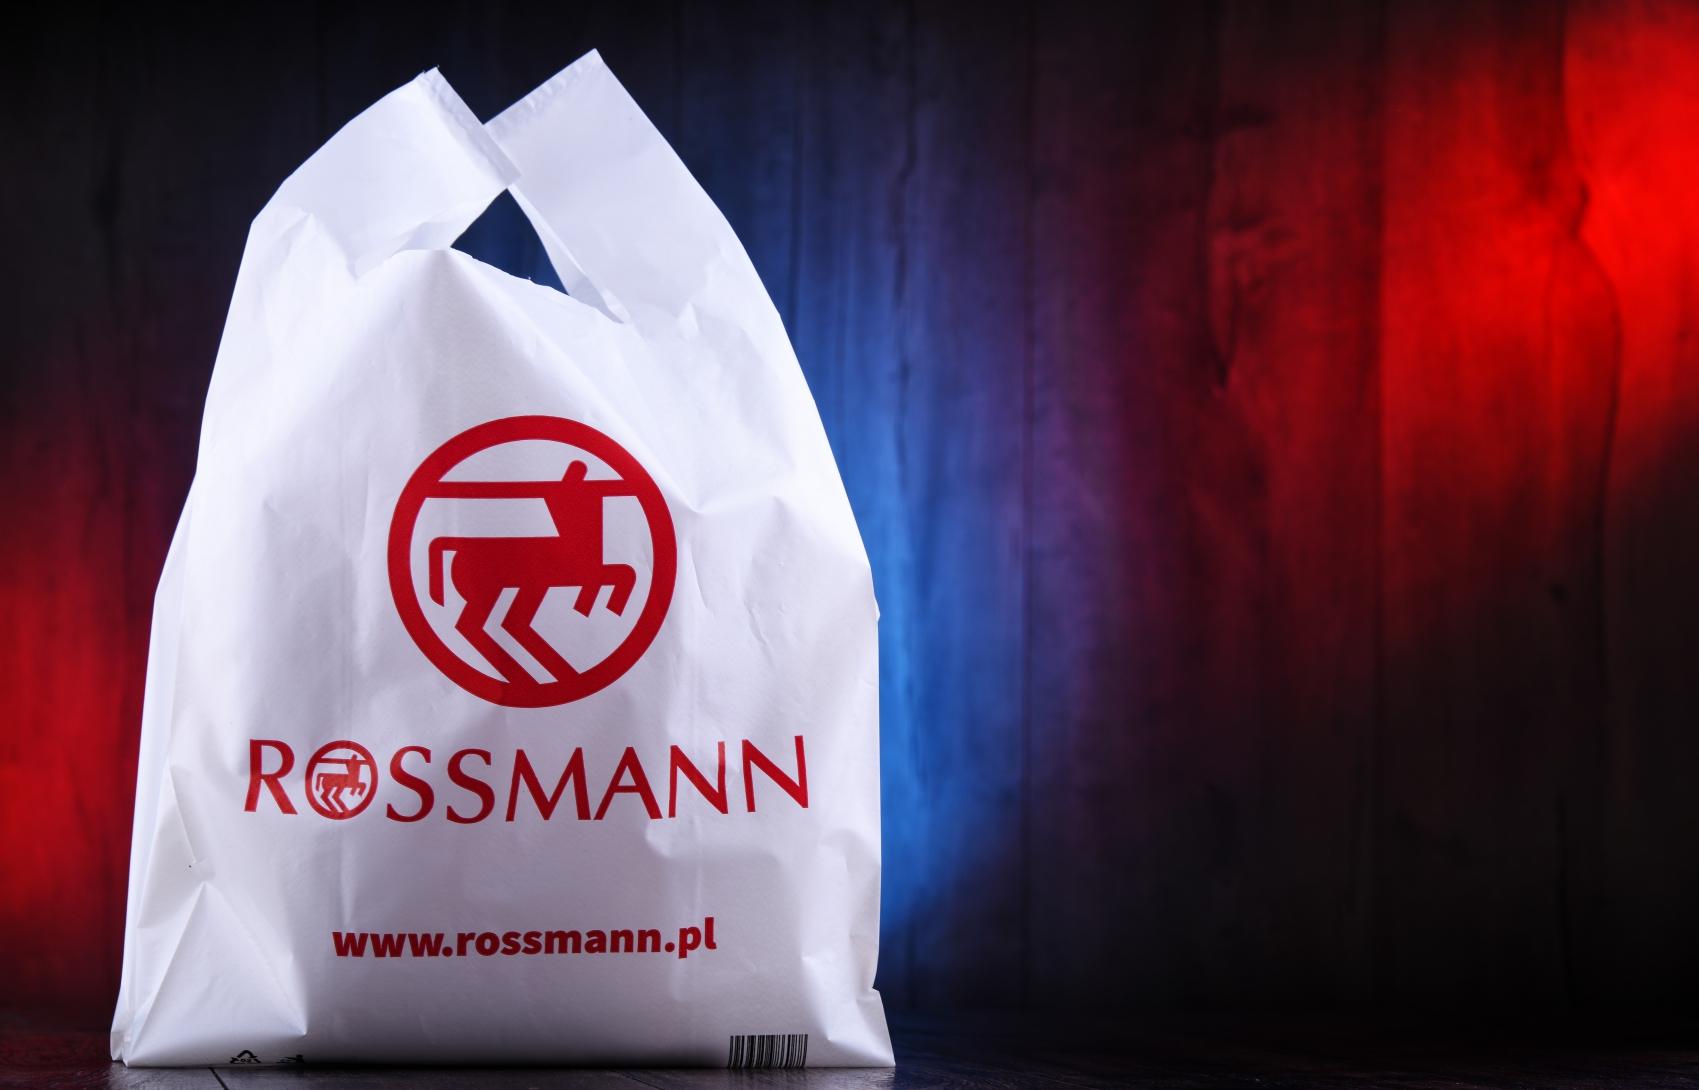 Produkty za grosz w Rossmannie. Oszałamiająca wyprzedaż w drogeriach